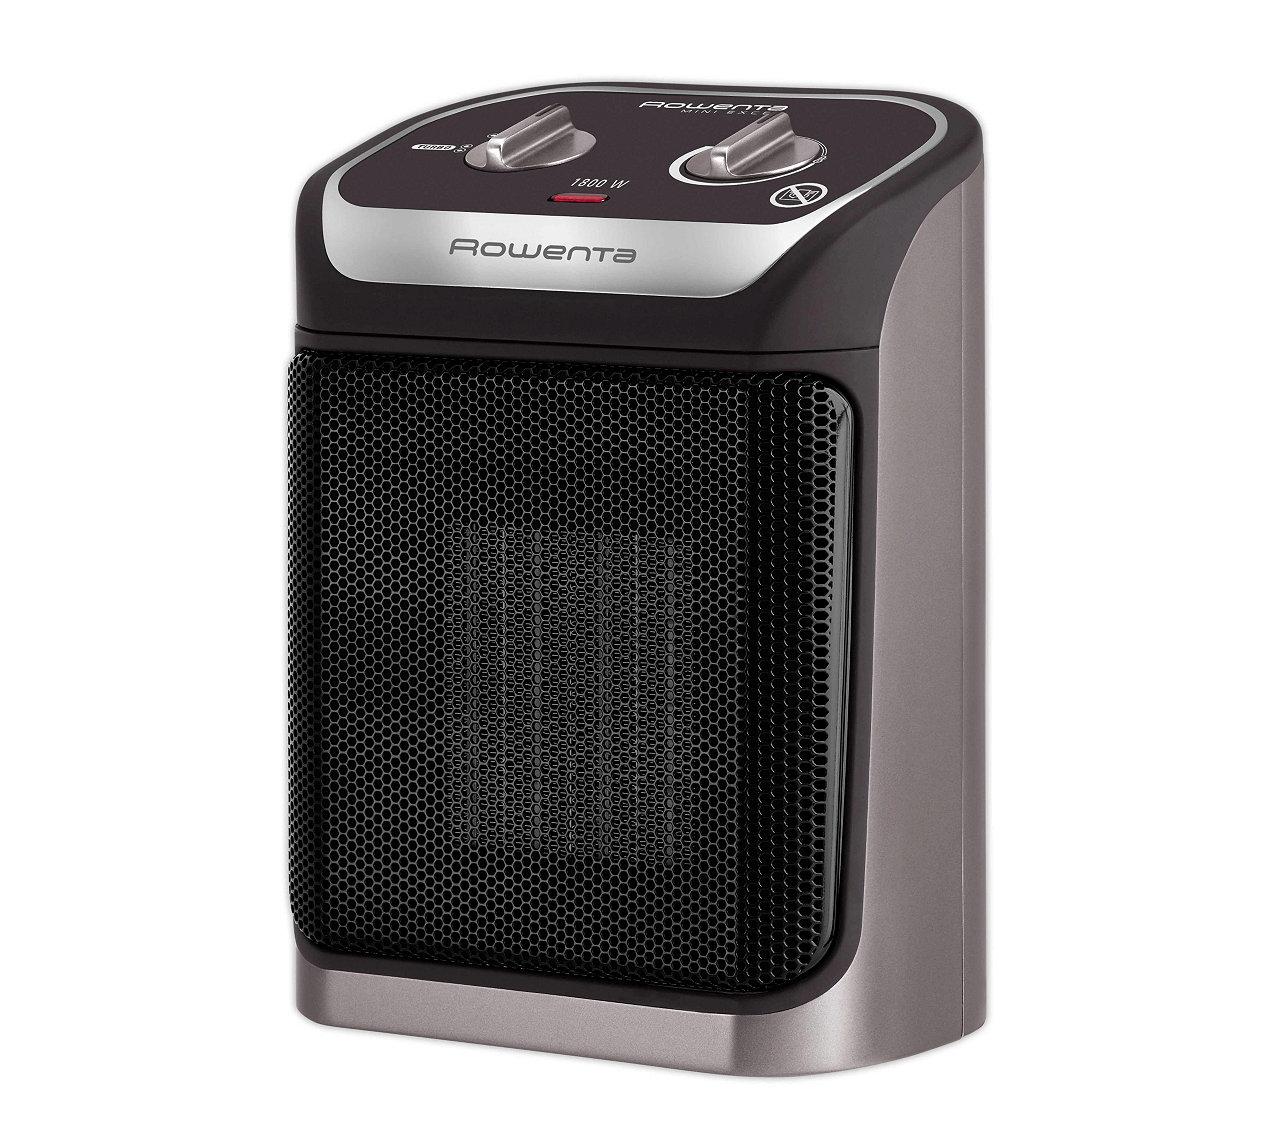 Radiateur Soufflant Consommation destiné ▷ classement & guide d'achat : top radiateurs soufflants en sept. 2018